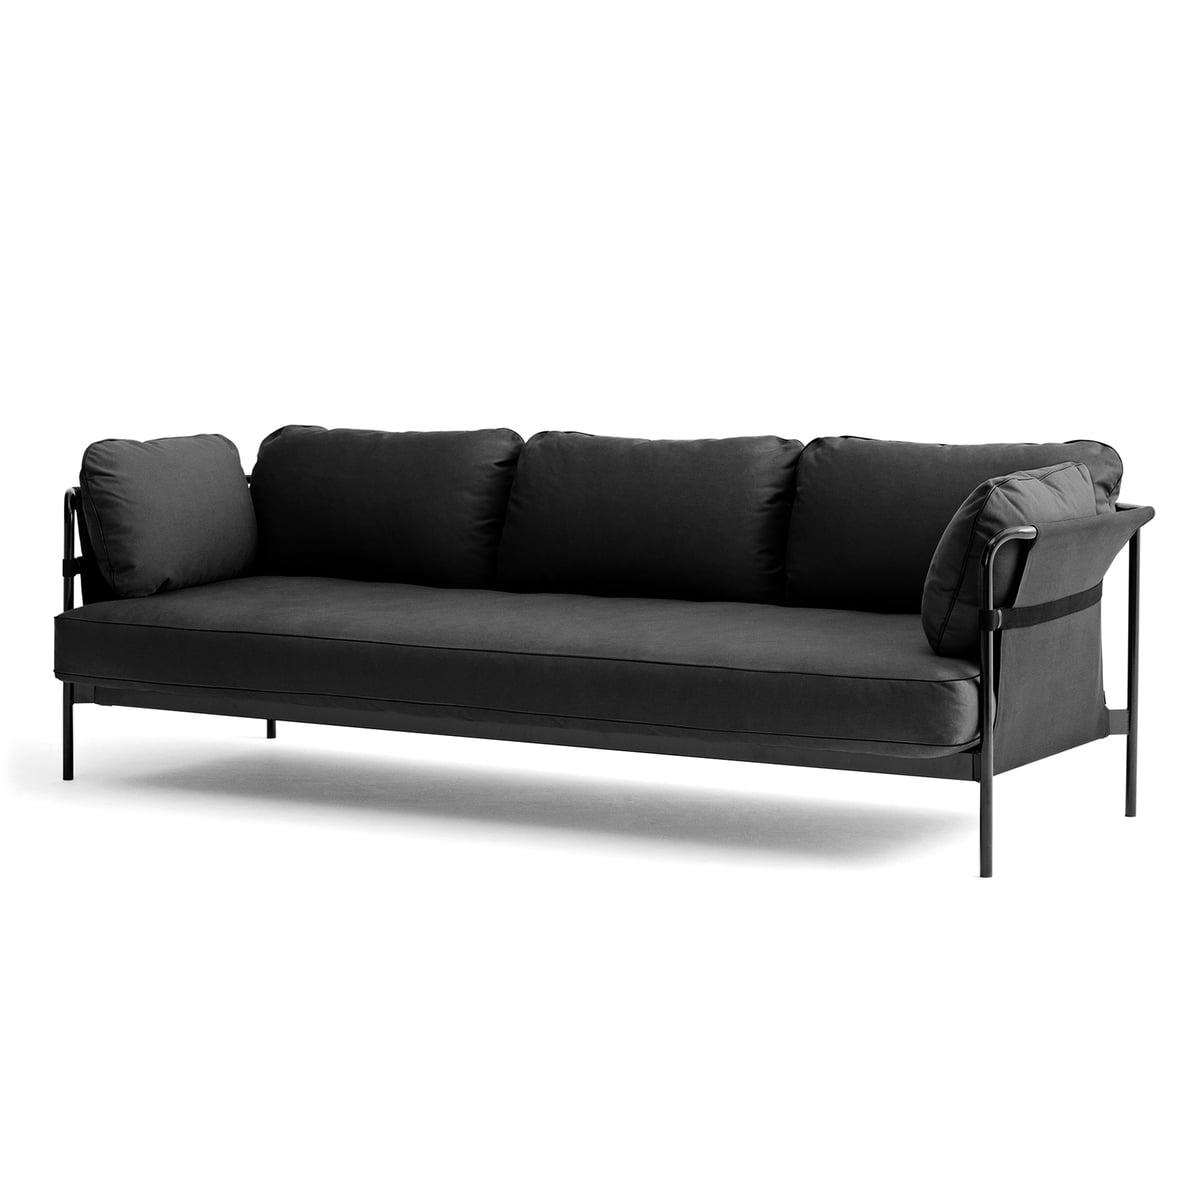 Schlafsofa designklassiker  Hay Can Sofa von Bouroullec im Design-Shop